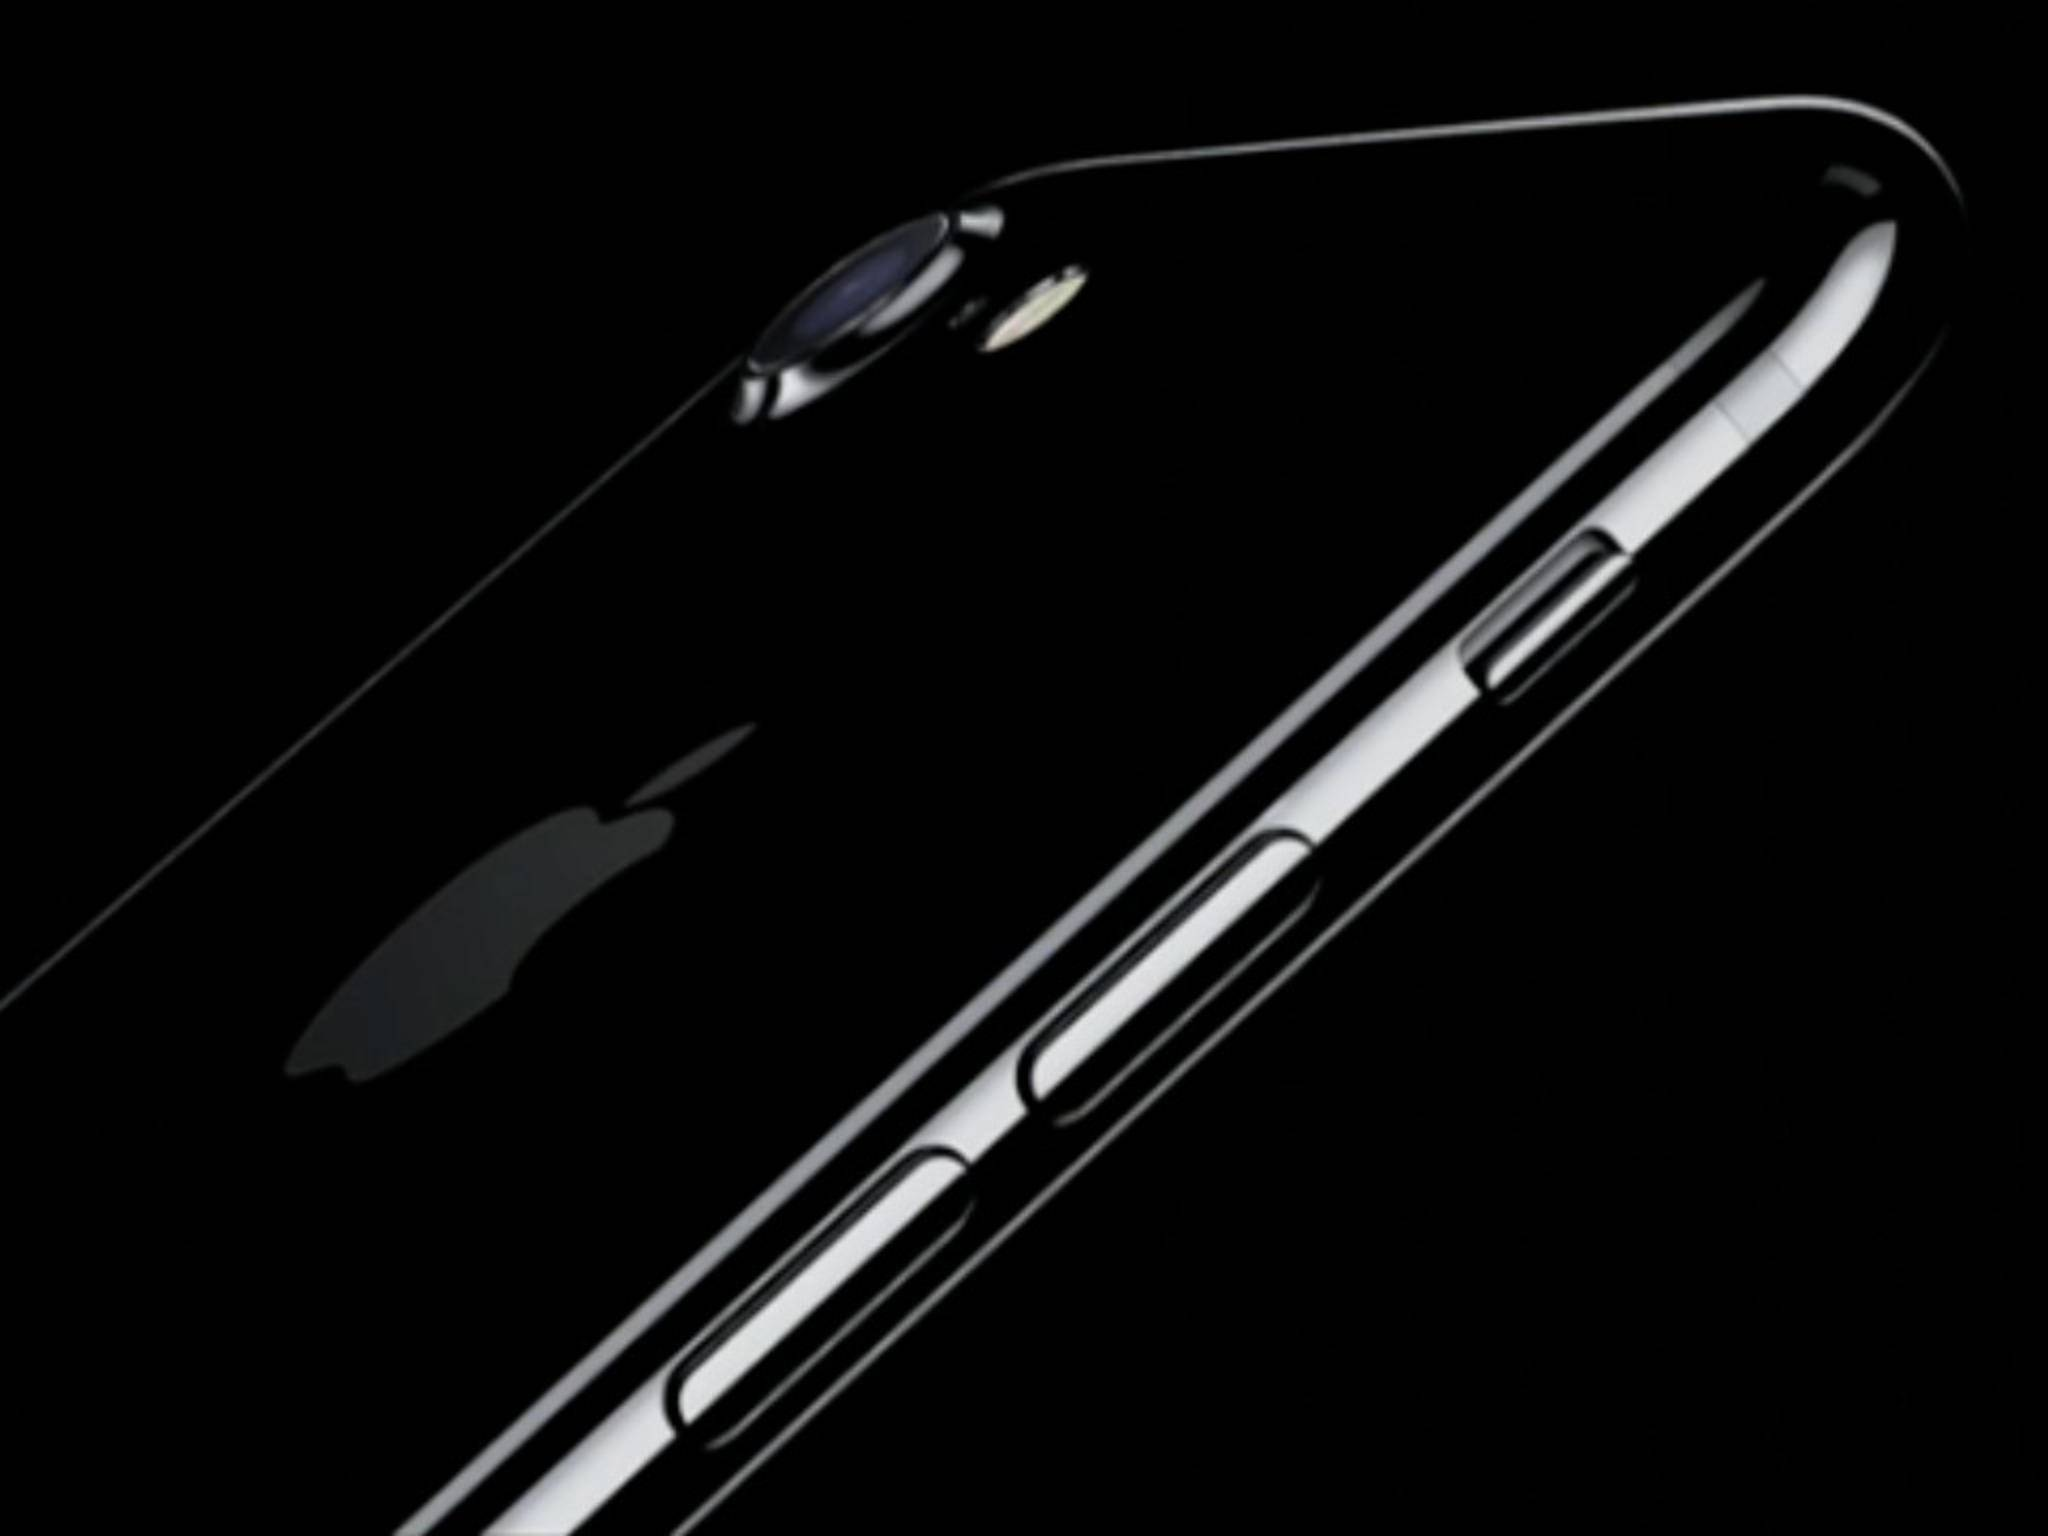 Schön schwarz: Lohnt sich der Umstieg aufs iPhone 7?